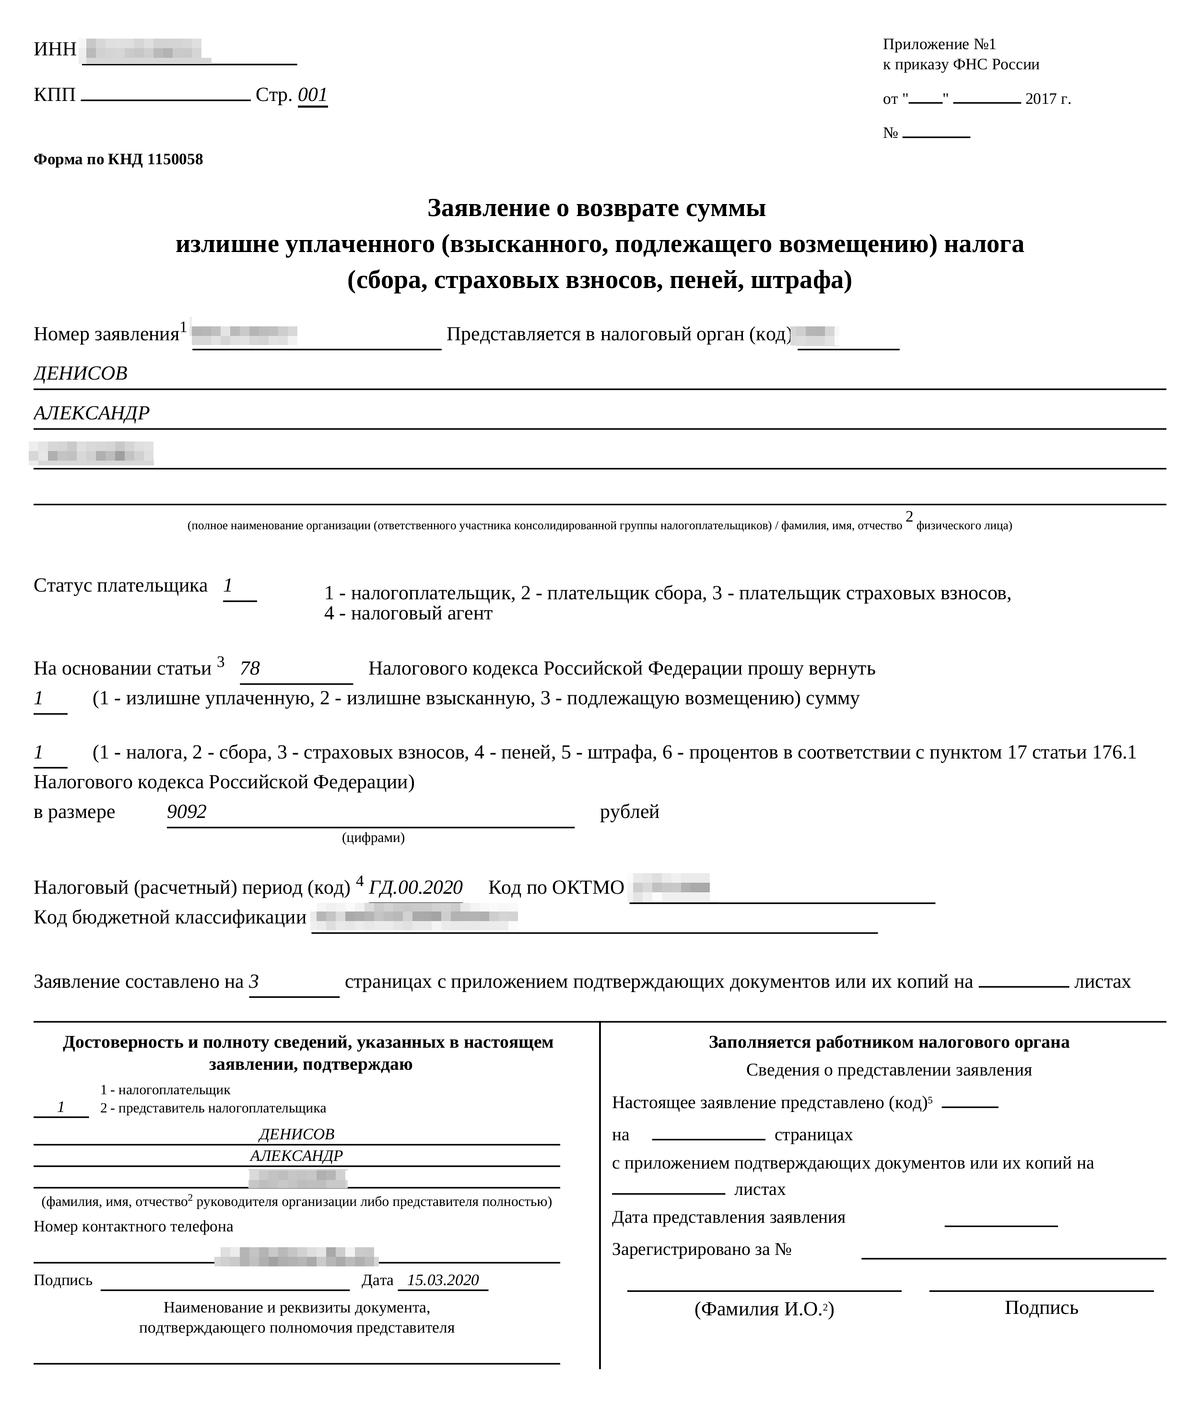 Заявление о возврате излишне уплаченного налога автоматически сформируется после заполнения формы